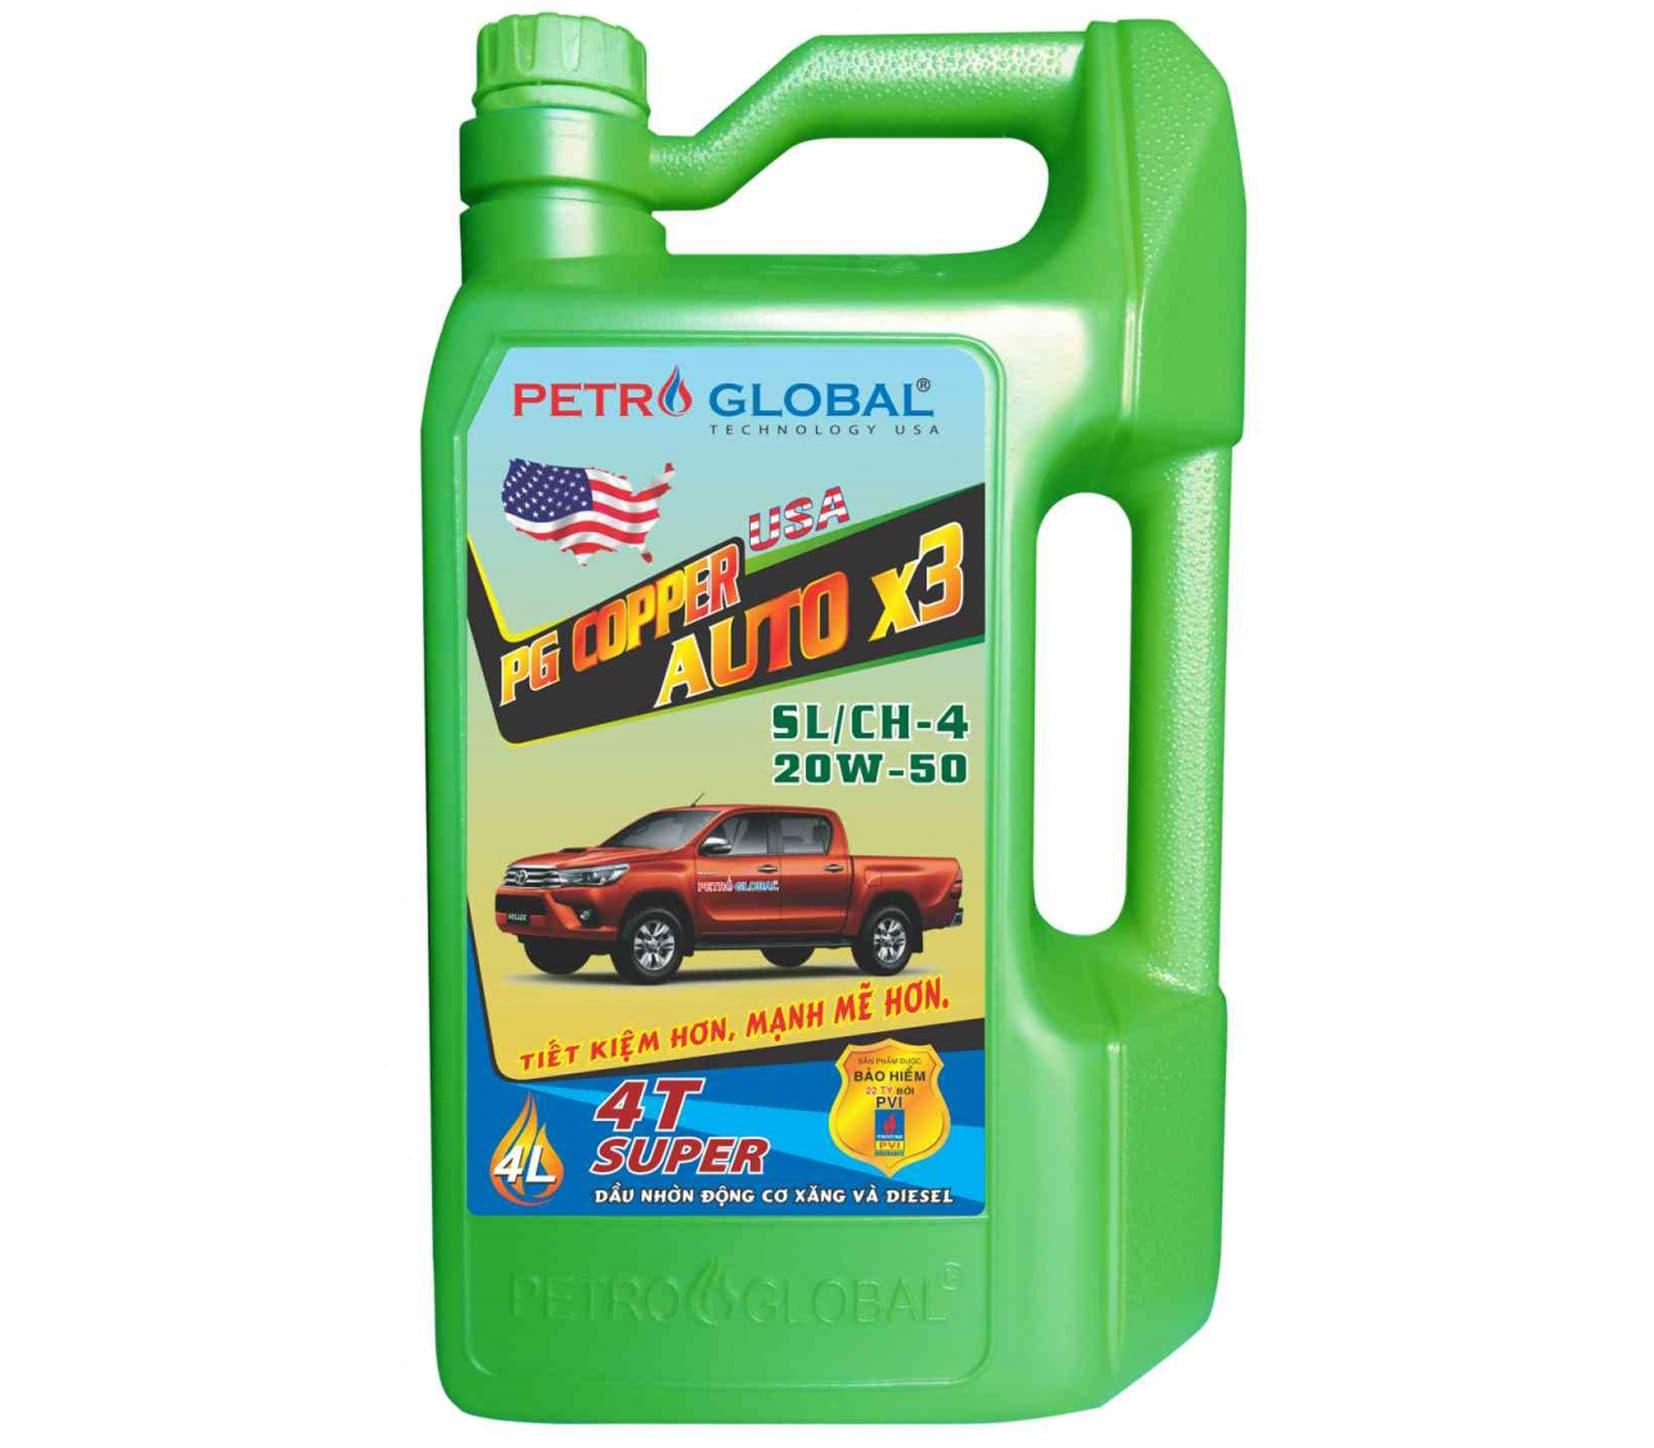 PG Copper Auto x3 API Sl/CH - 4, SAE 20W - 50 (chai 4L)